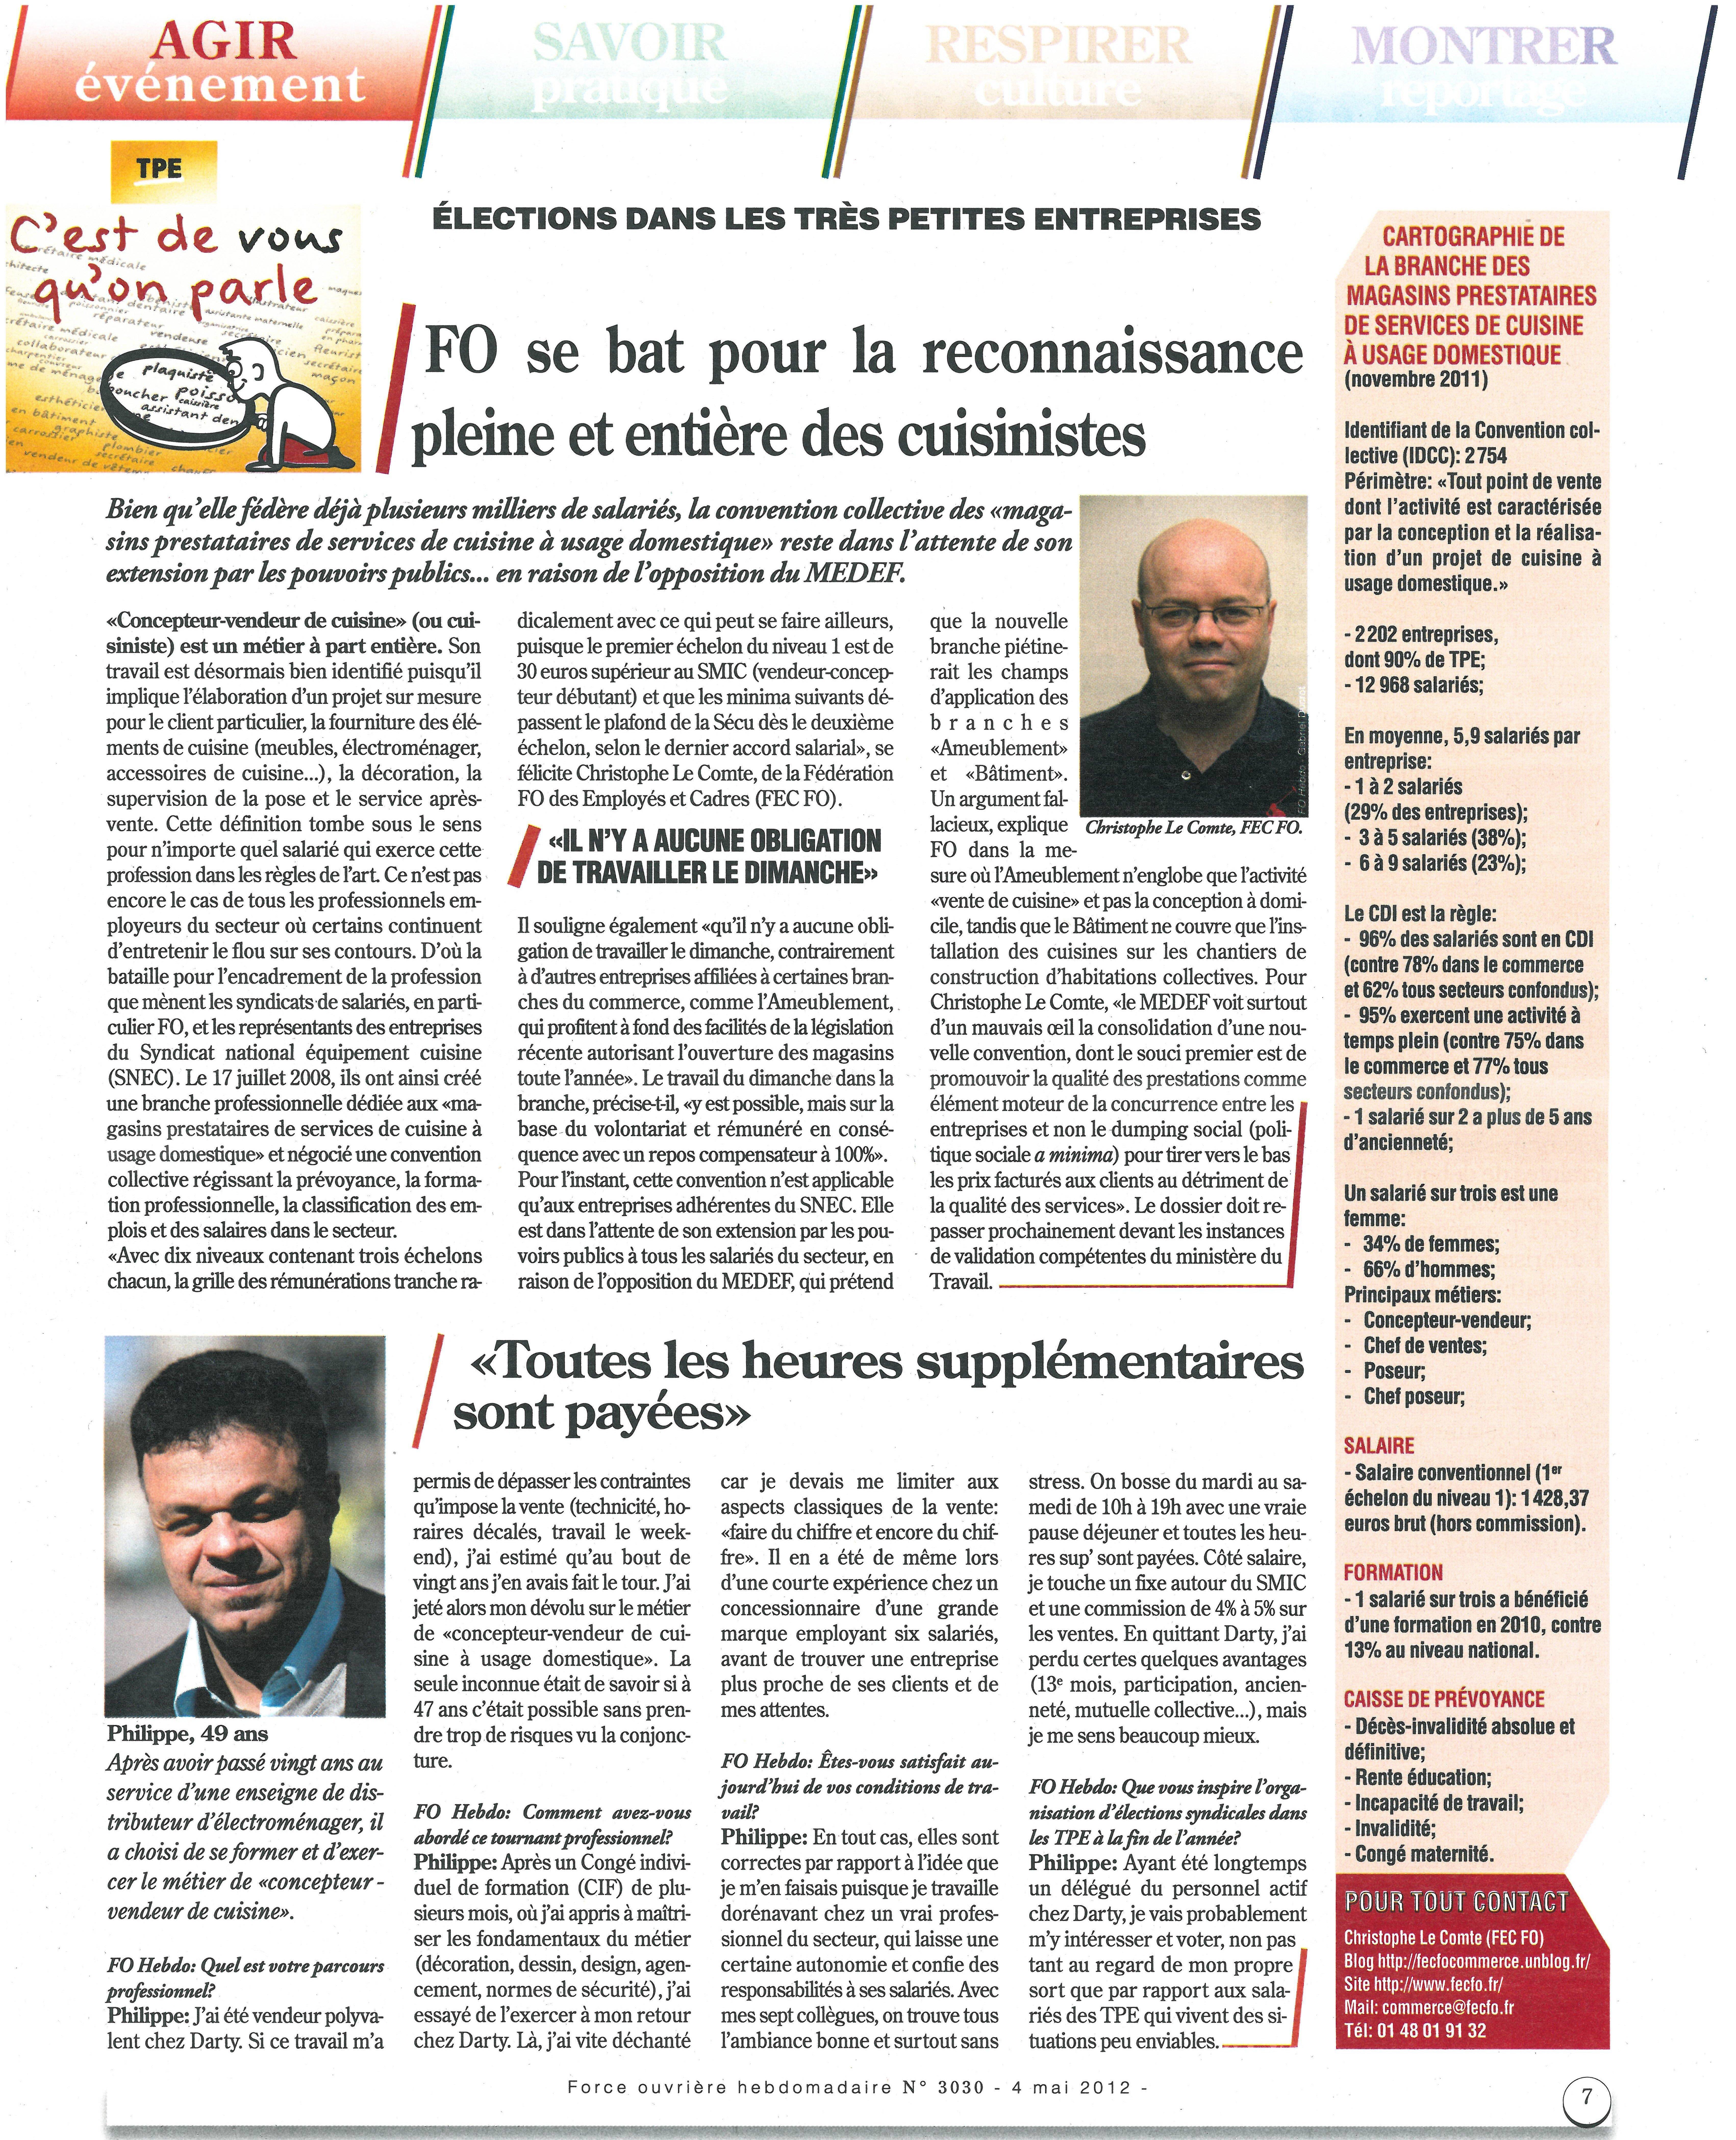 Election Tpe 2012 Fo Se Bat Pour La Reconnaissance Pleine Et